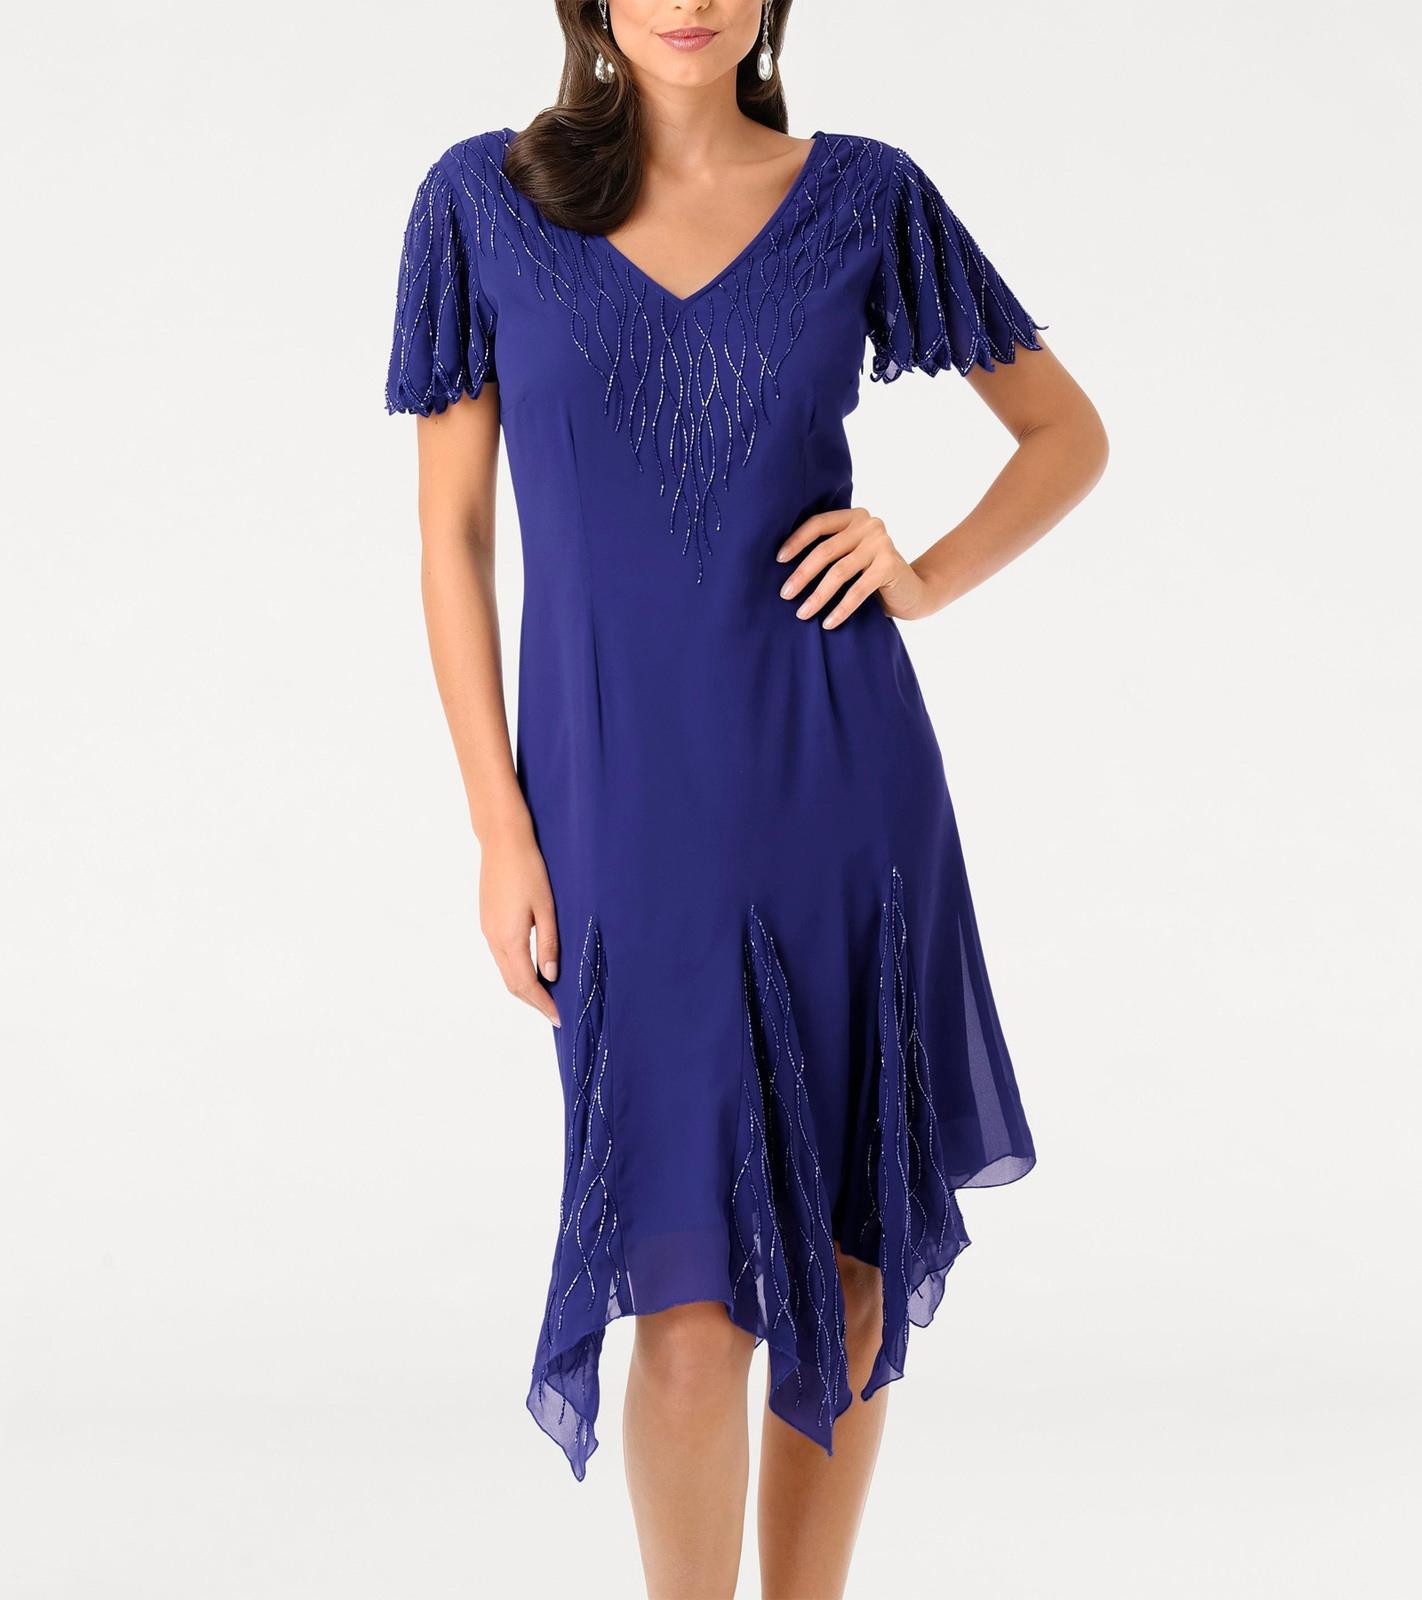 Formal Wunderbar Kleid Für Abend Stylish Top Kleid Für Abend Galerie